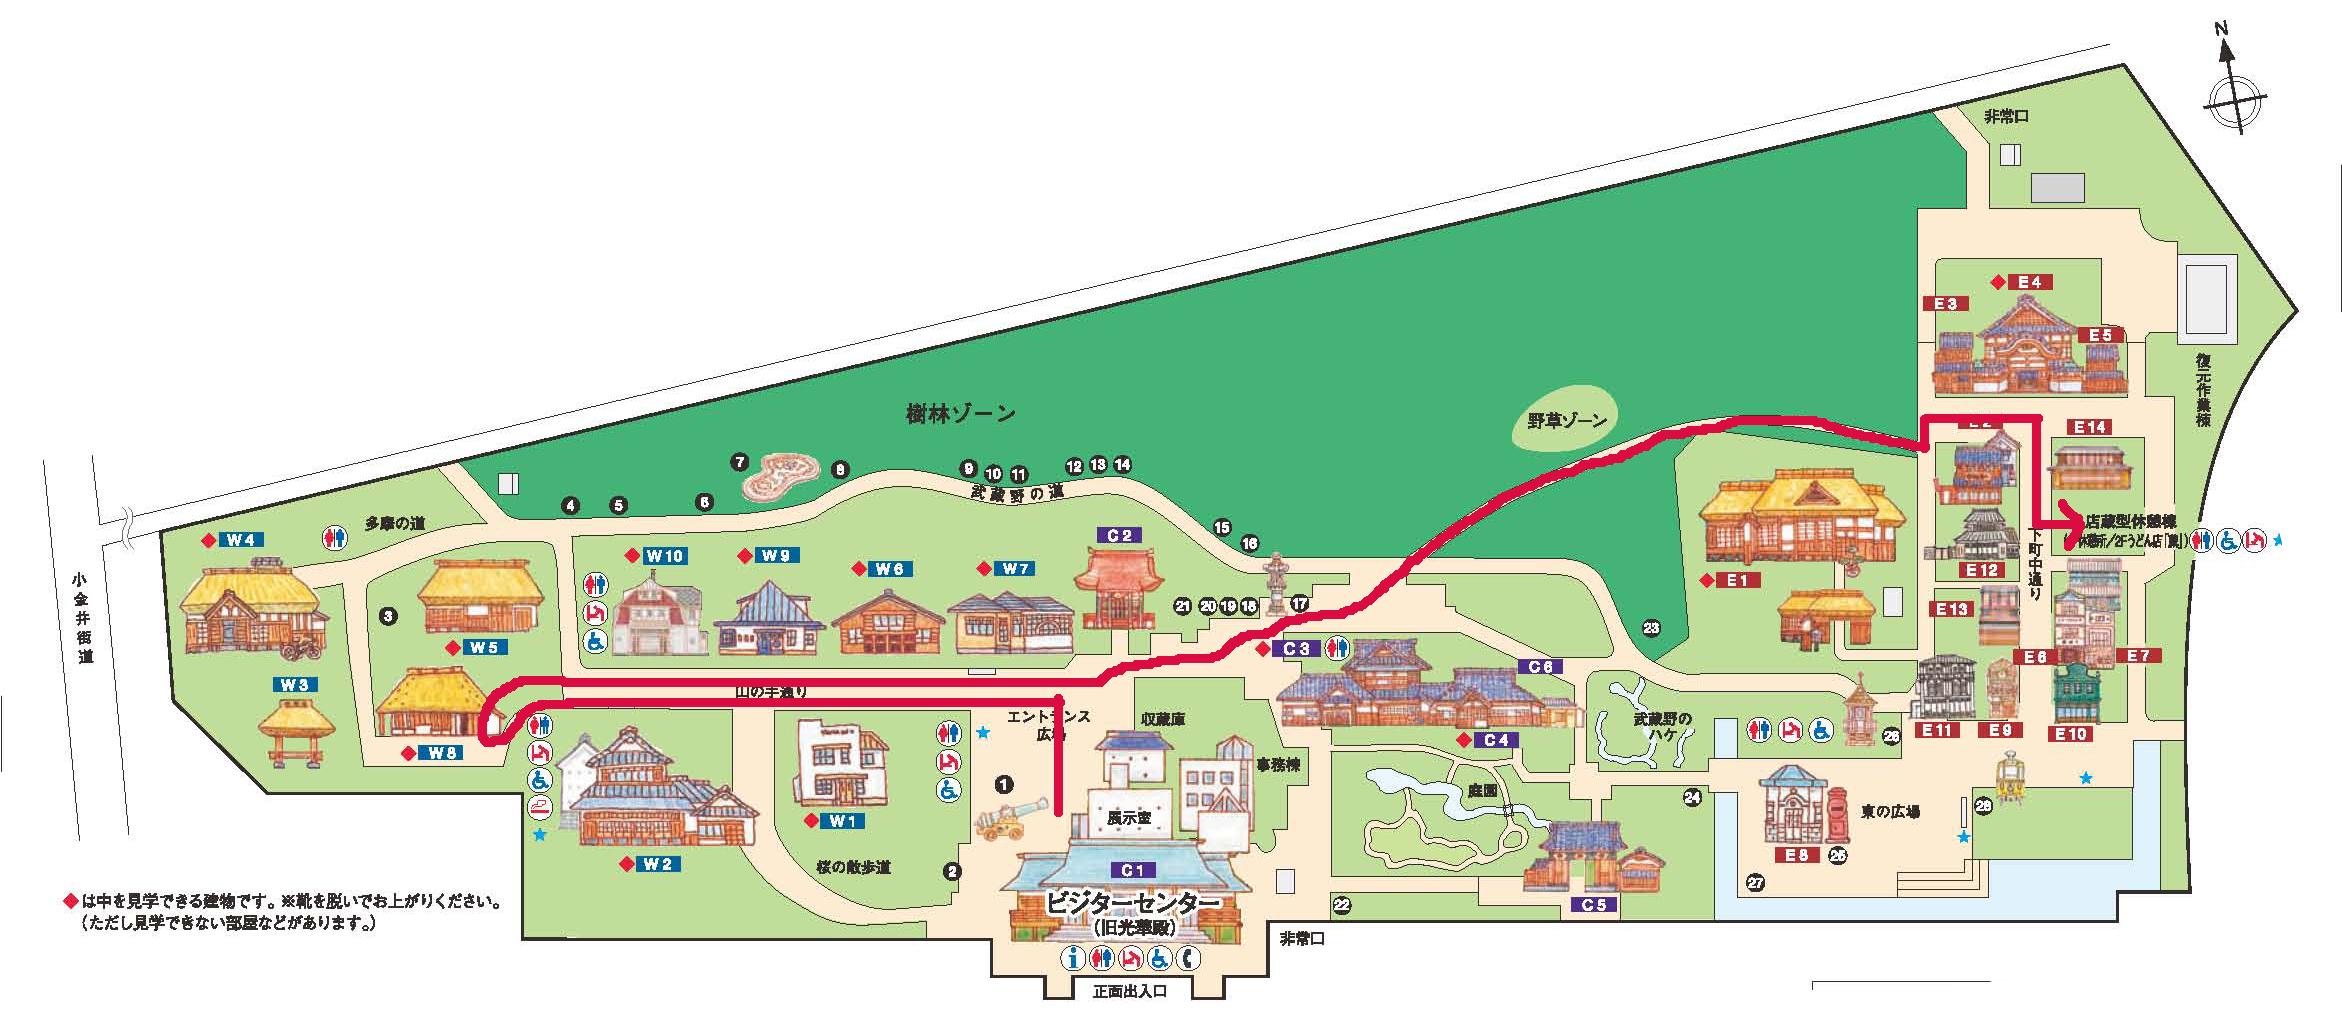 江戸東京たてもの園園内MAPとパレードのルート